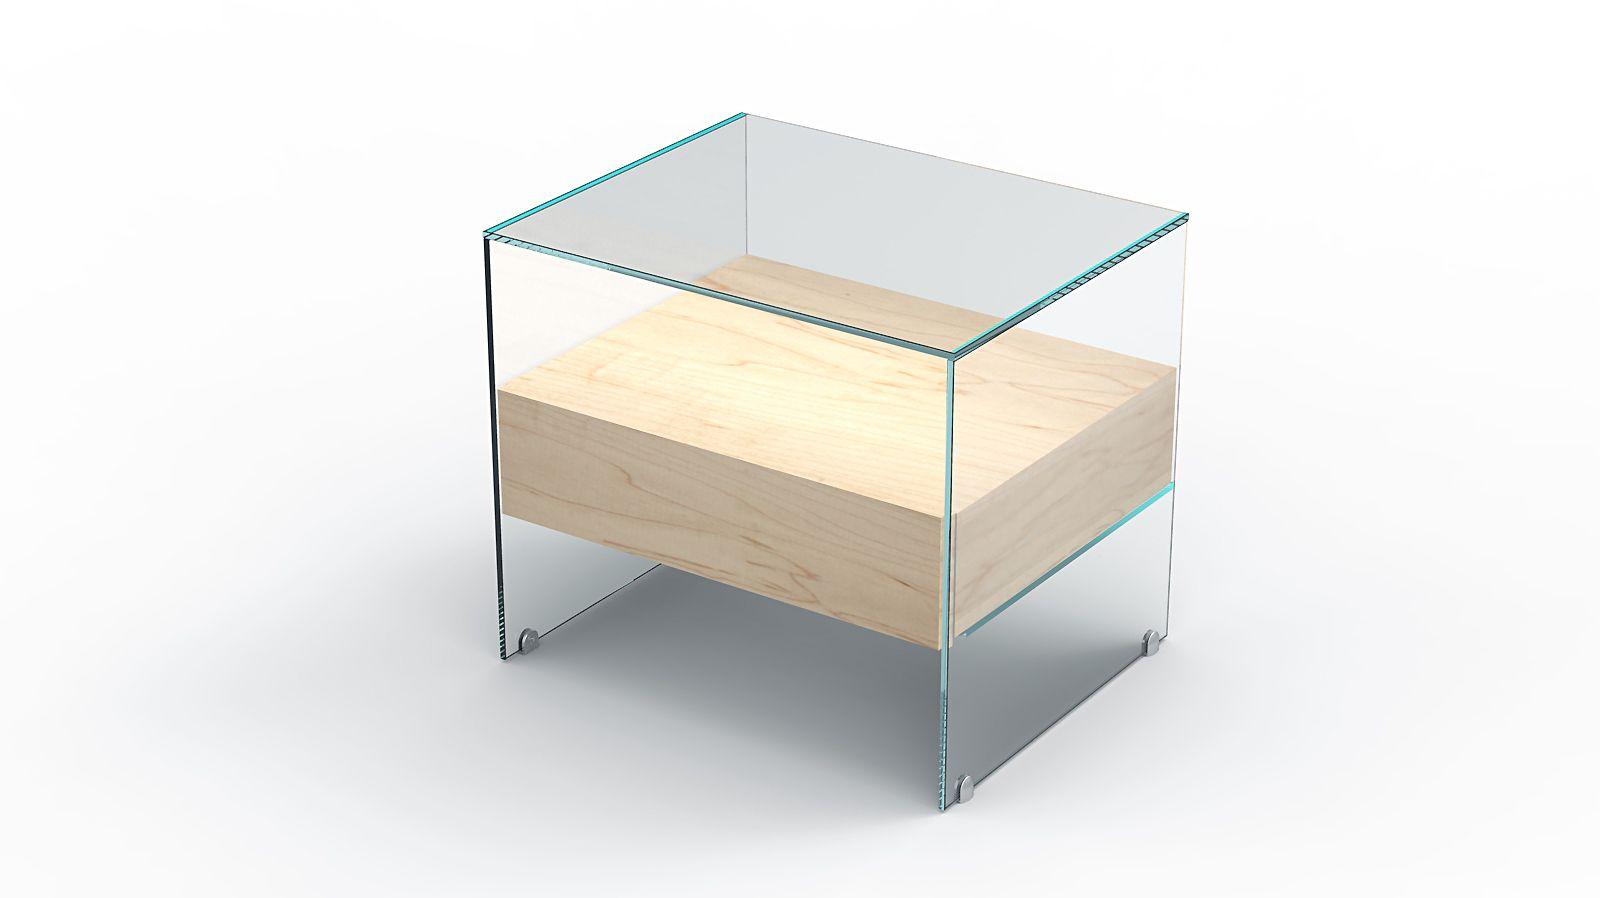 спальни стеклянная для décor отражение зеркал зеркальная необычная мебель дизайнерская тумба